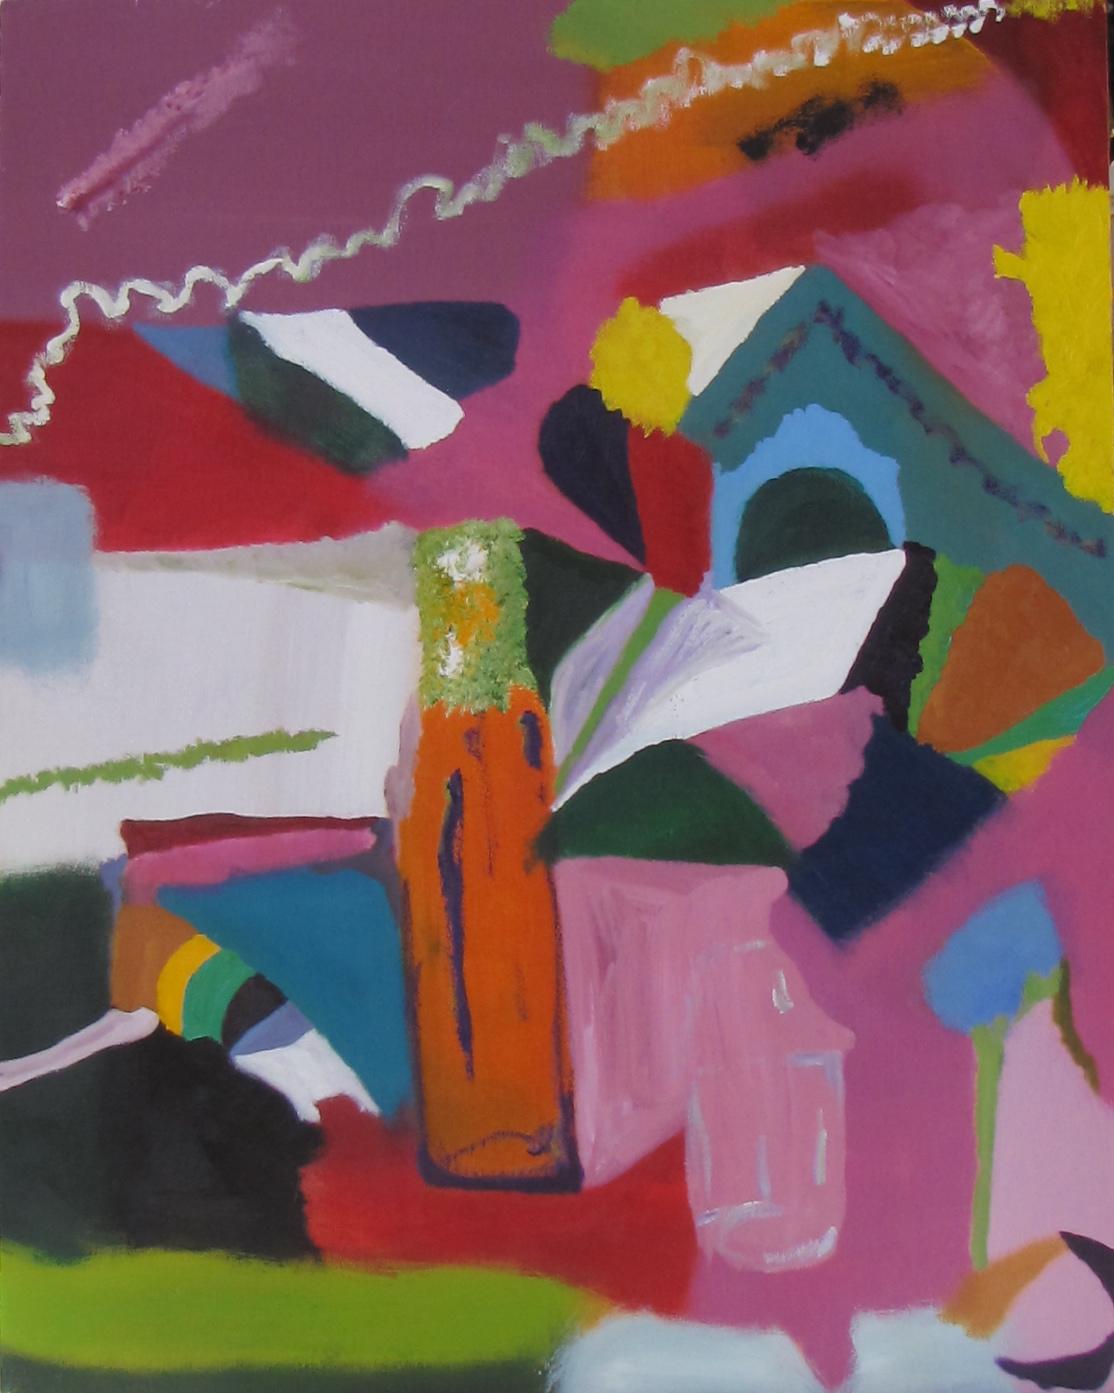 Bottle In Landscape II, Russell Steven Powell oil on canvas, 22x28